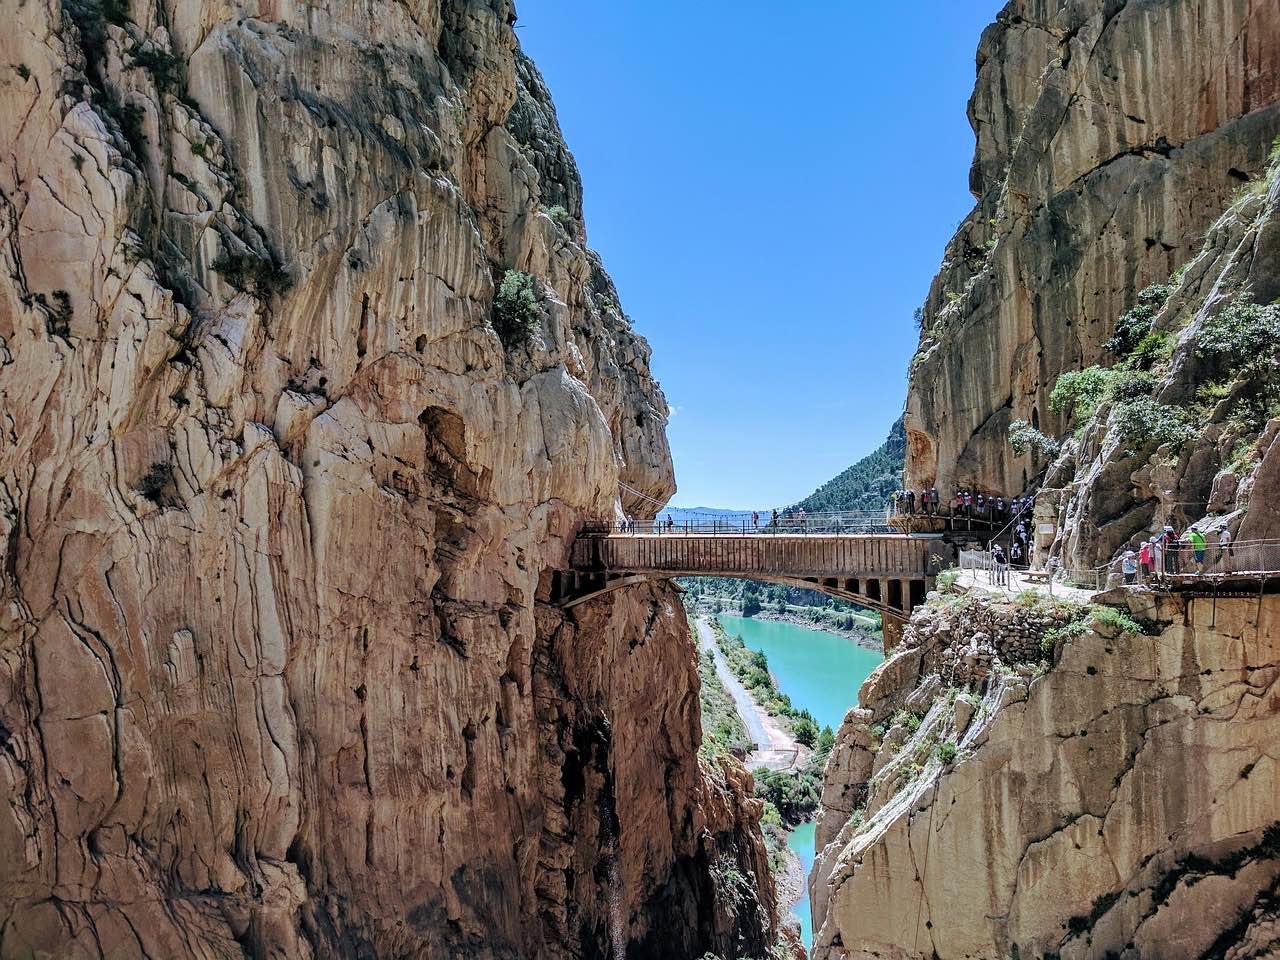 path-of-the-king, rock climbing in Malaga_PD